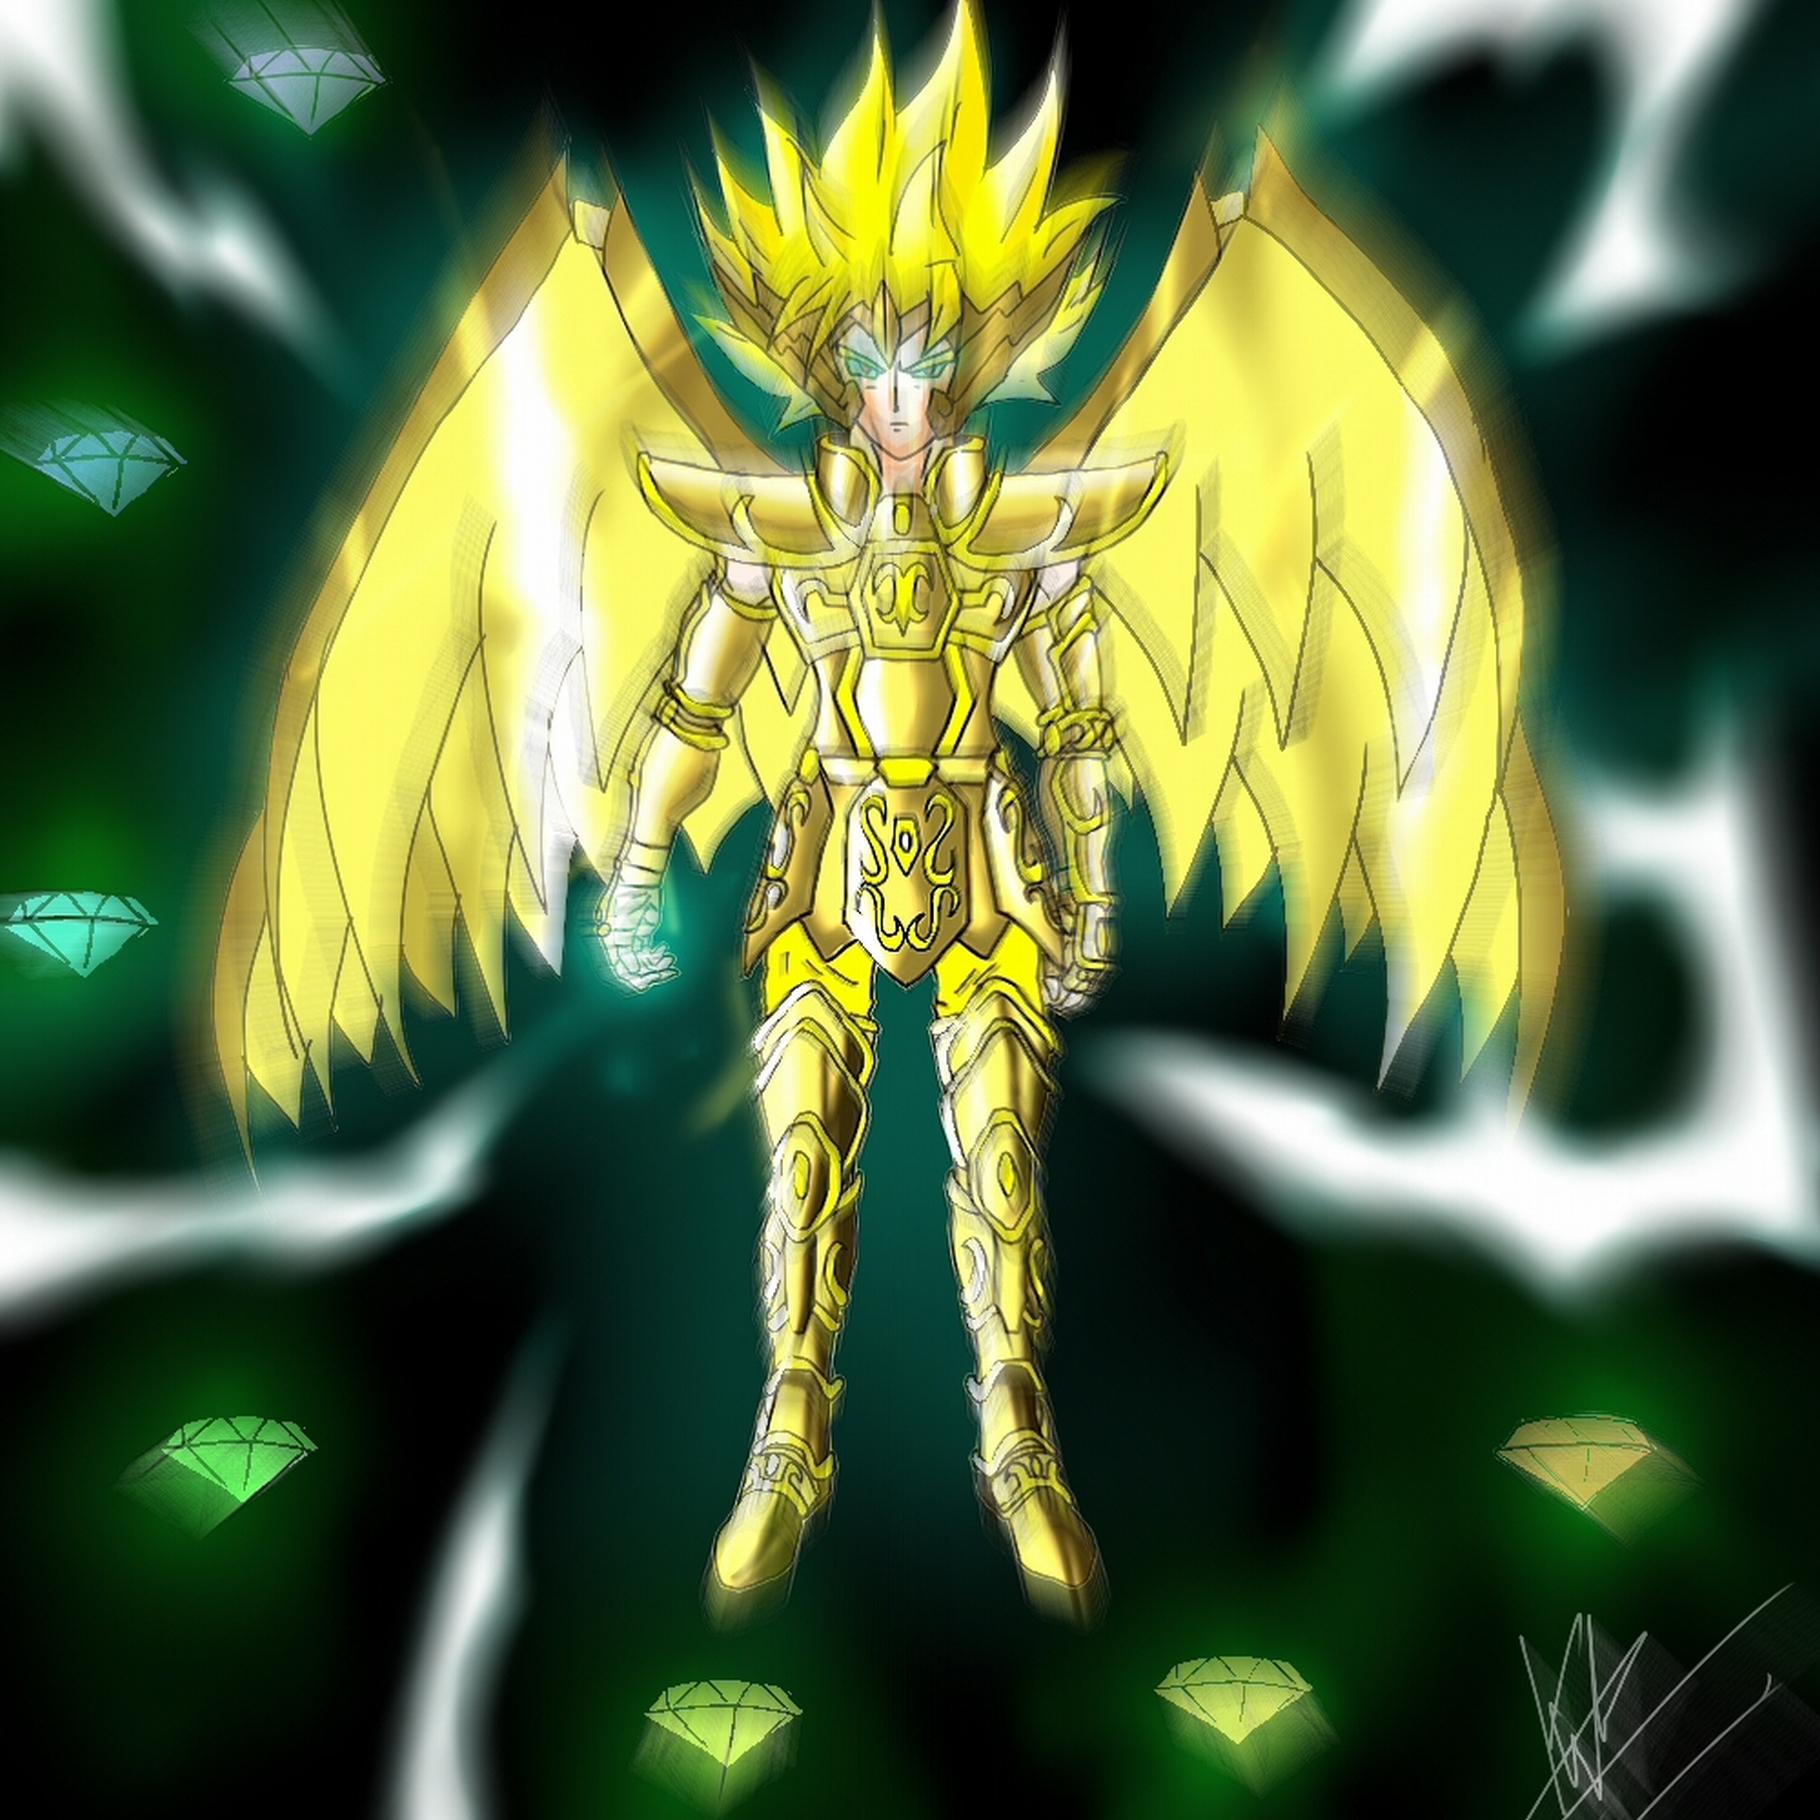 Goku Wallpaper Hd: Sagitarius, Chaos Emerald-HD By